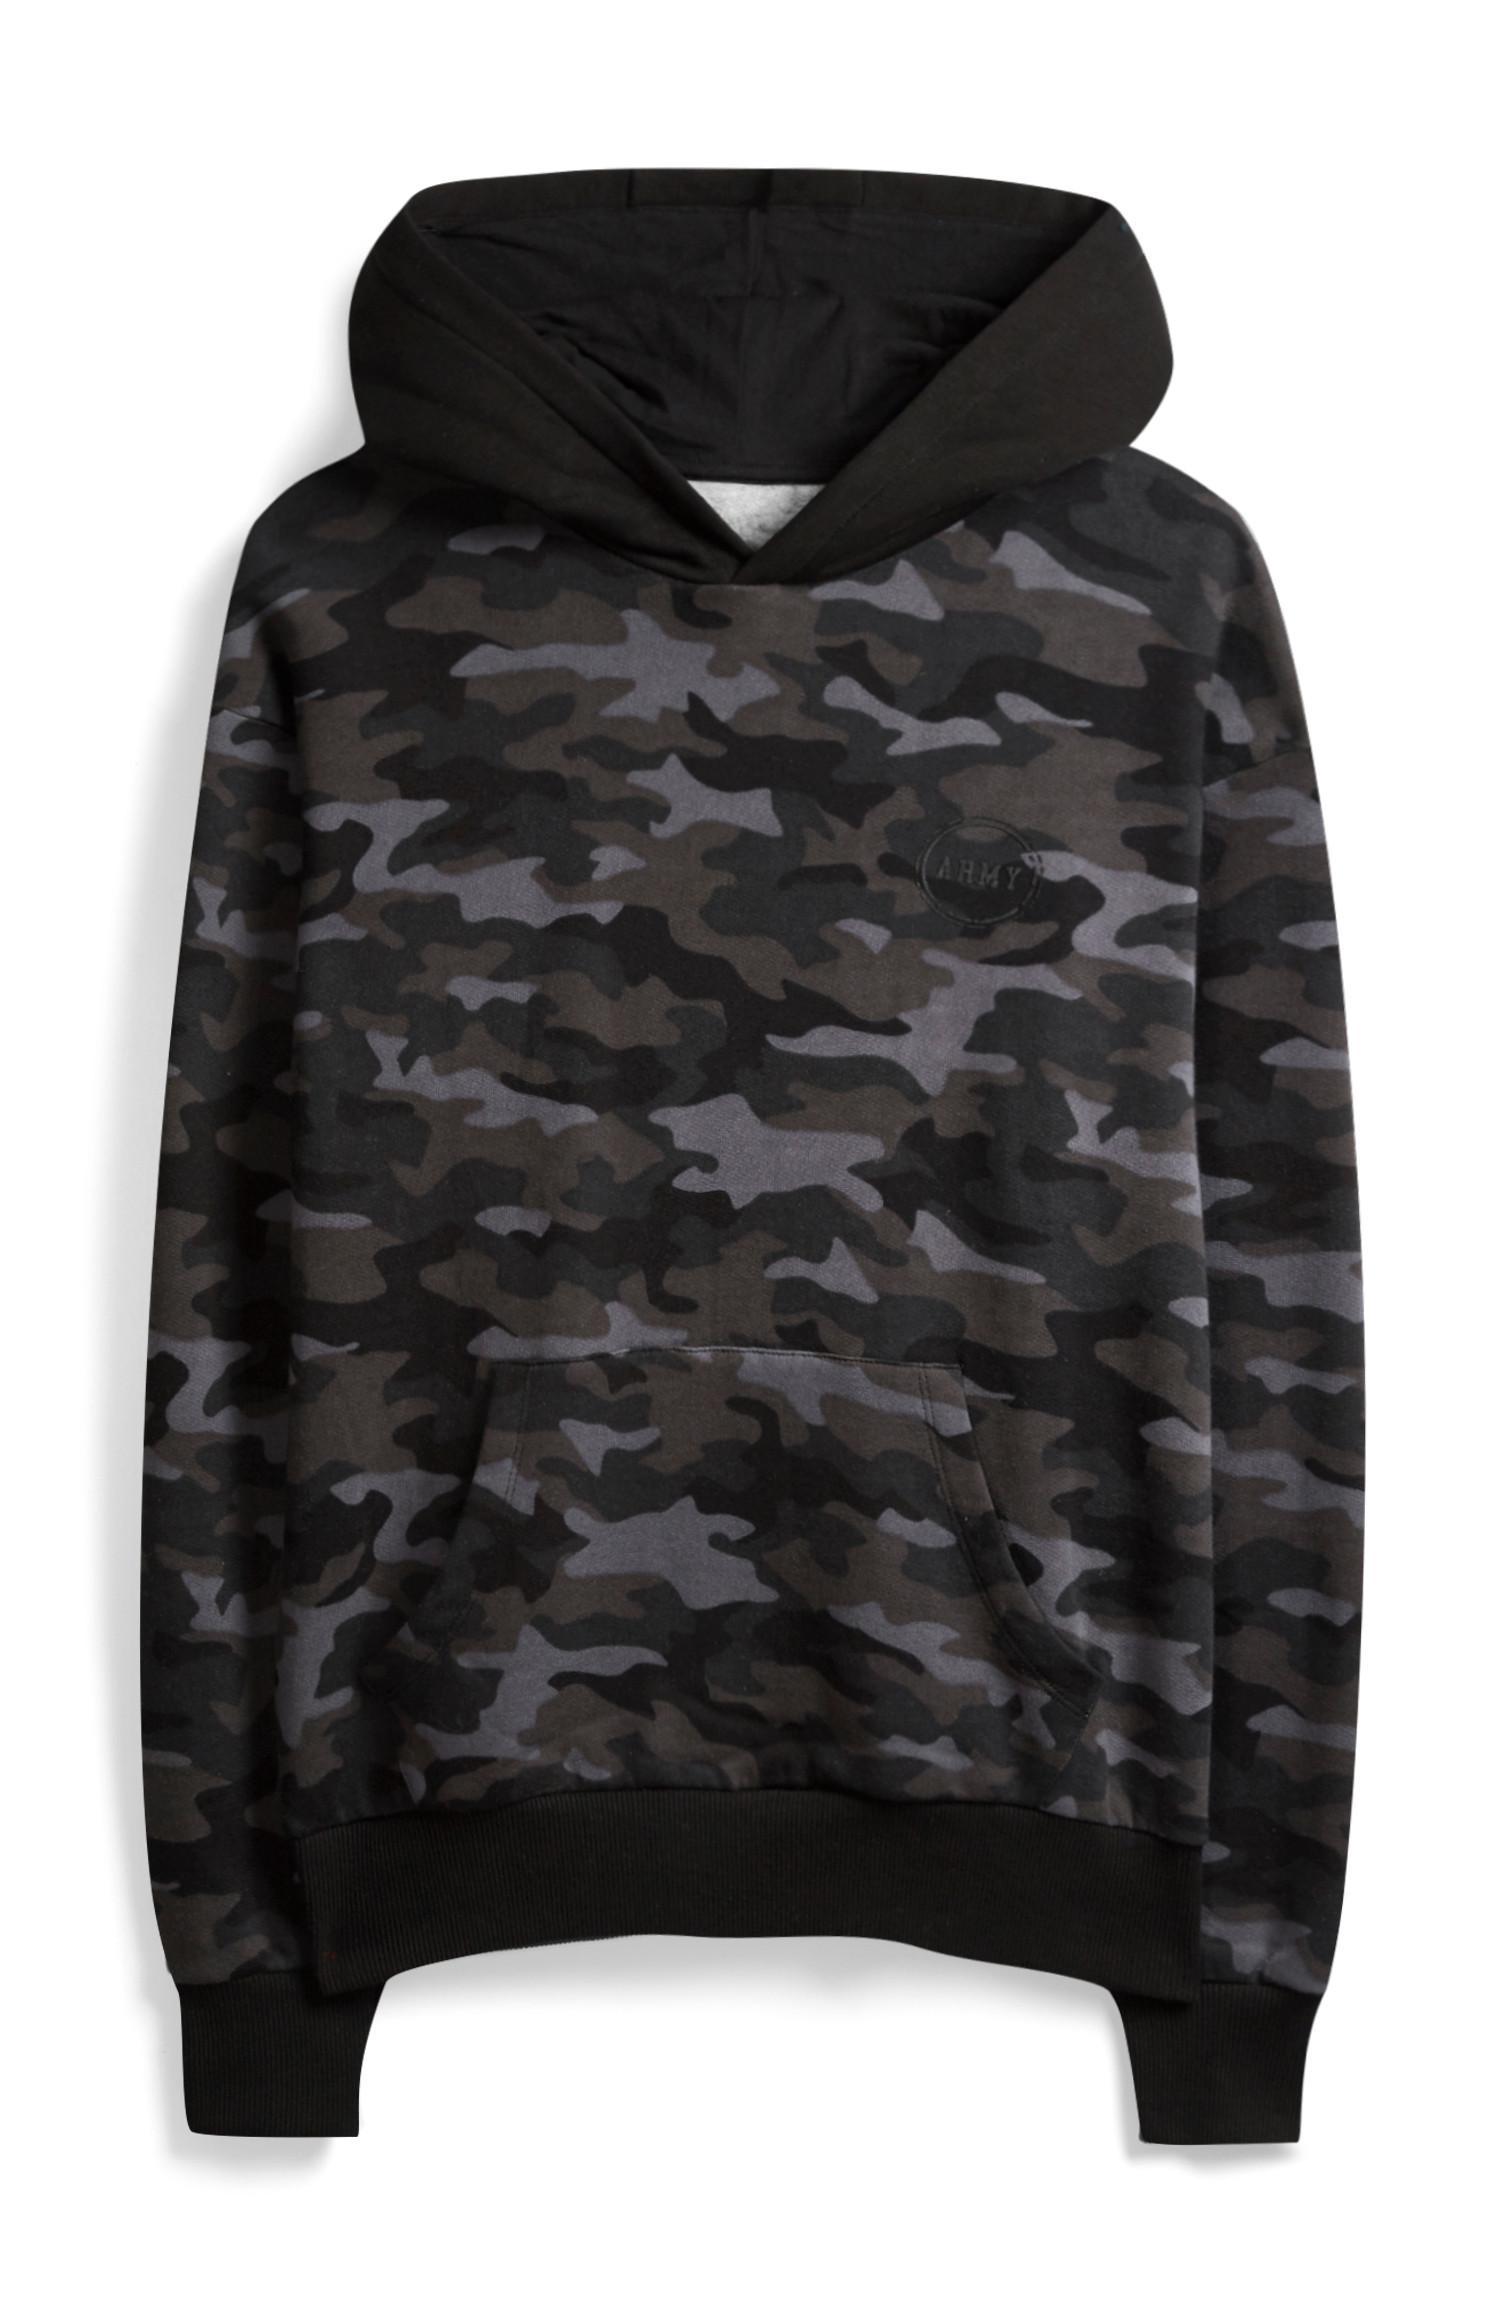 Sudadera de camuflaje gris con capucha